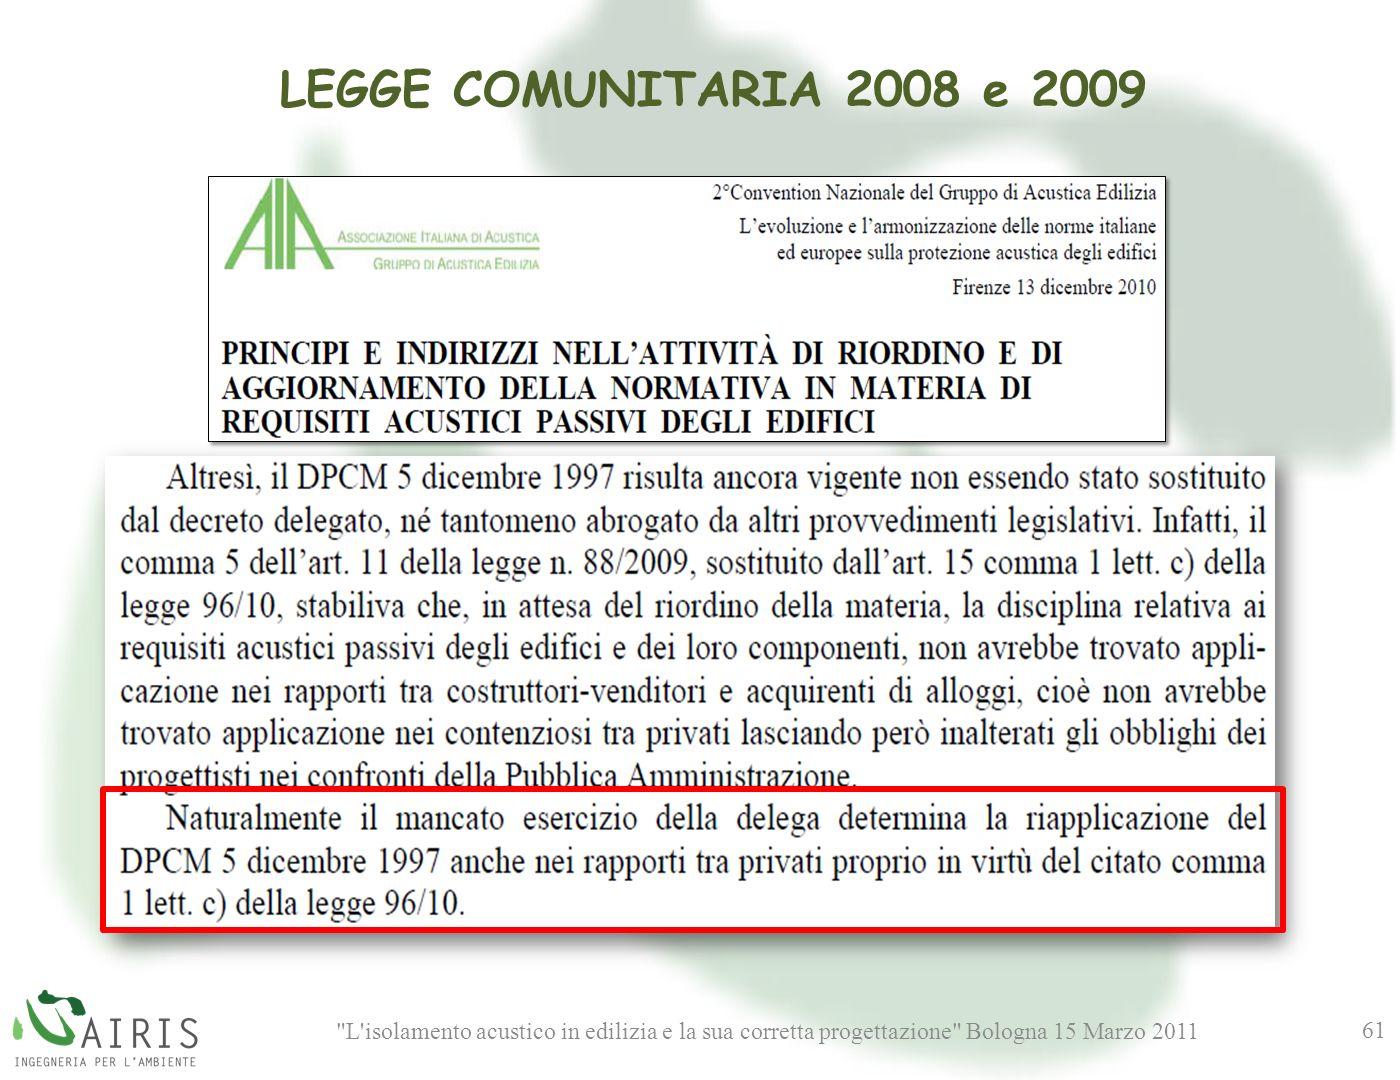 L isolamento acustico in edilizia e la sua corretta progettazione Bologna 15 Marzo 2011 61 LEGGE COMUNITARIA 2008 e 2009